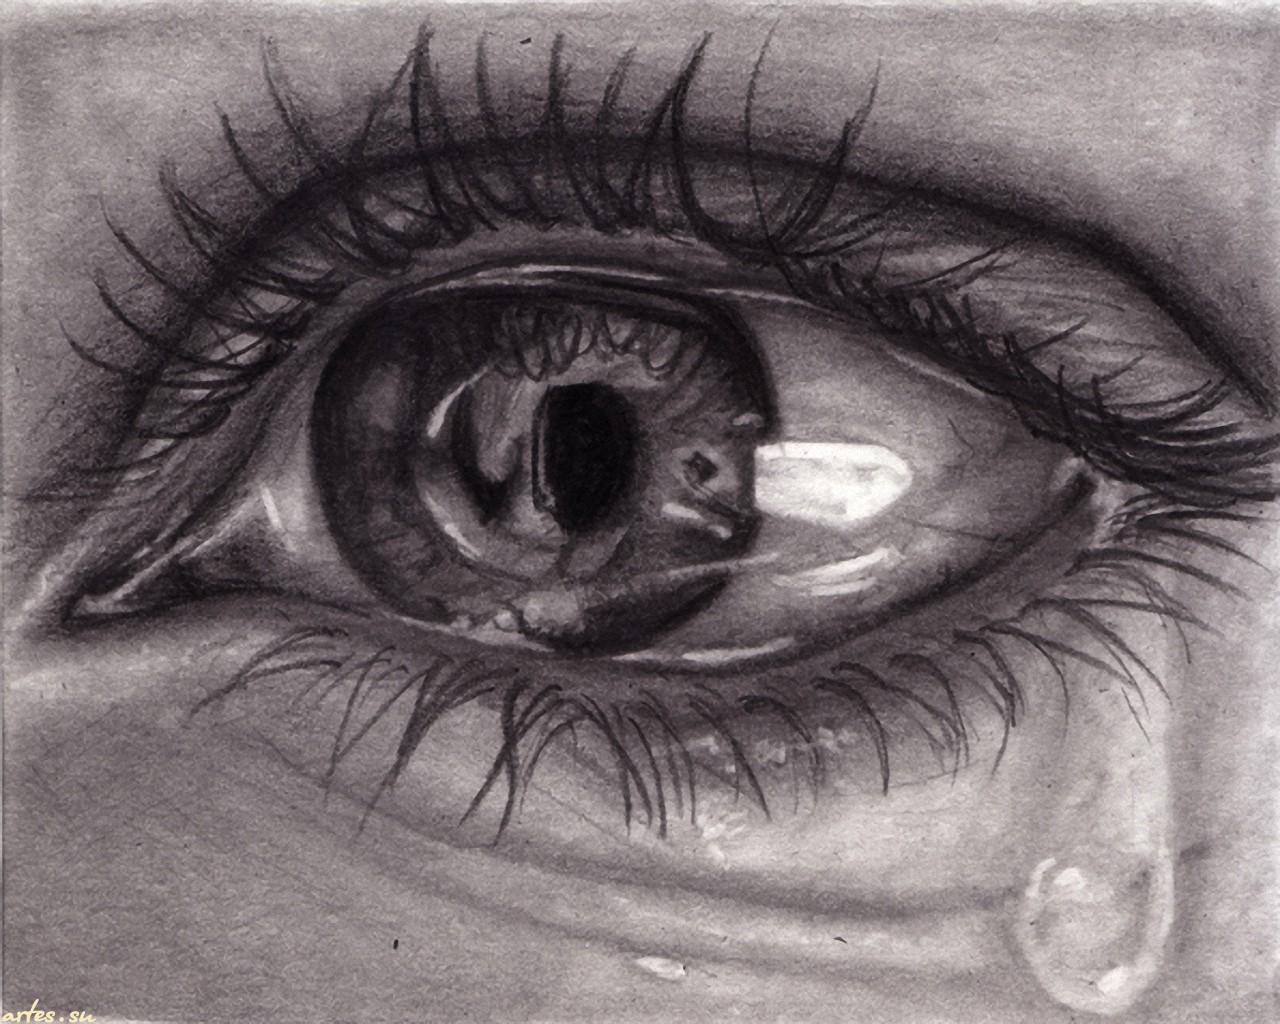 ... обои Глаза, слезы на рабочий стол 1280x1024: artes.su/wallpapers/2234/4.html